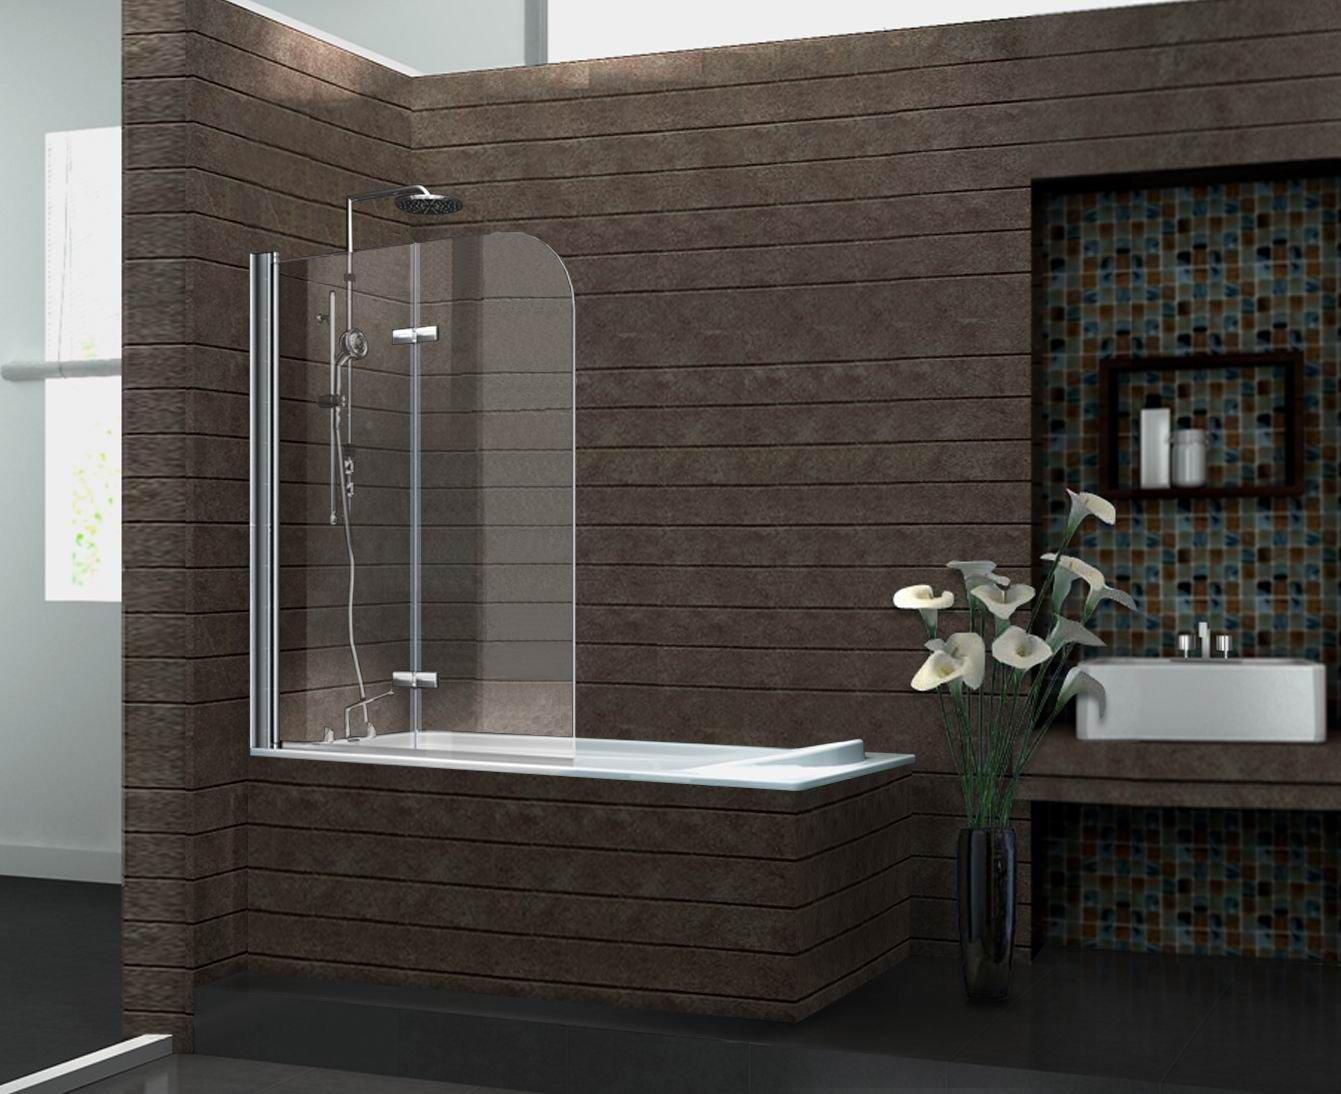 Duschabtrennung Für Badewanne duschtrennwand brease 120 x 140 badewanne amazon de baumarkt